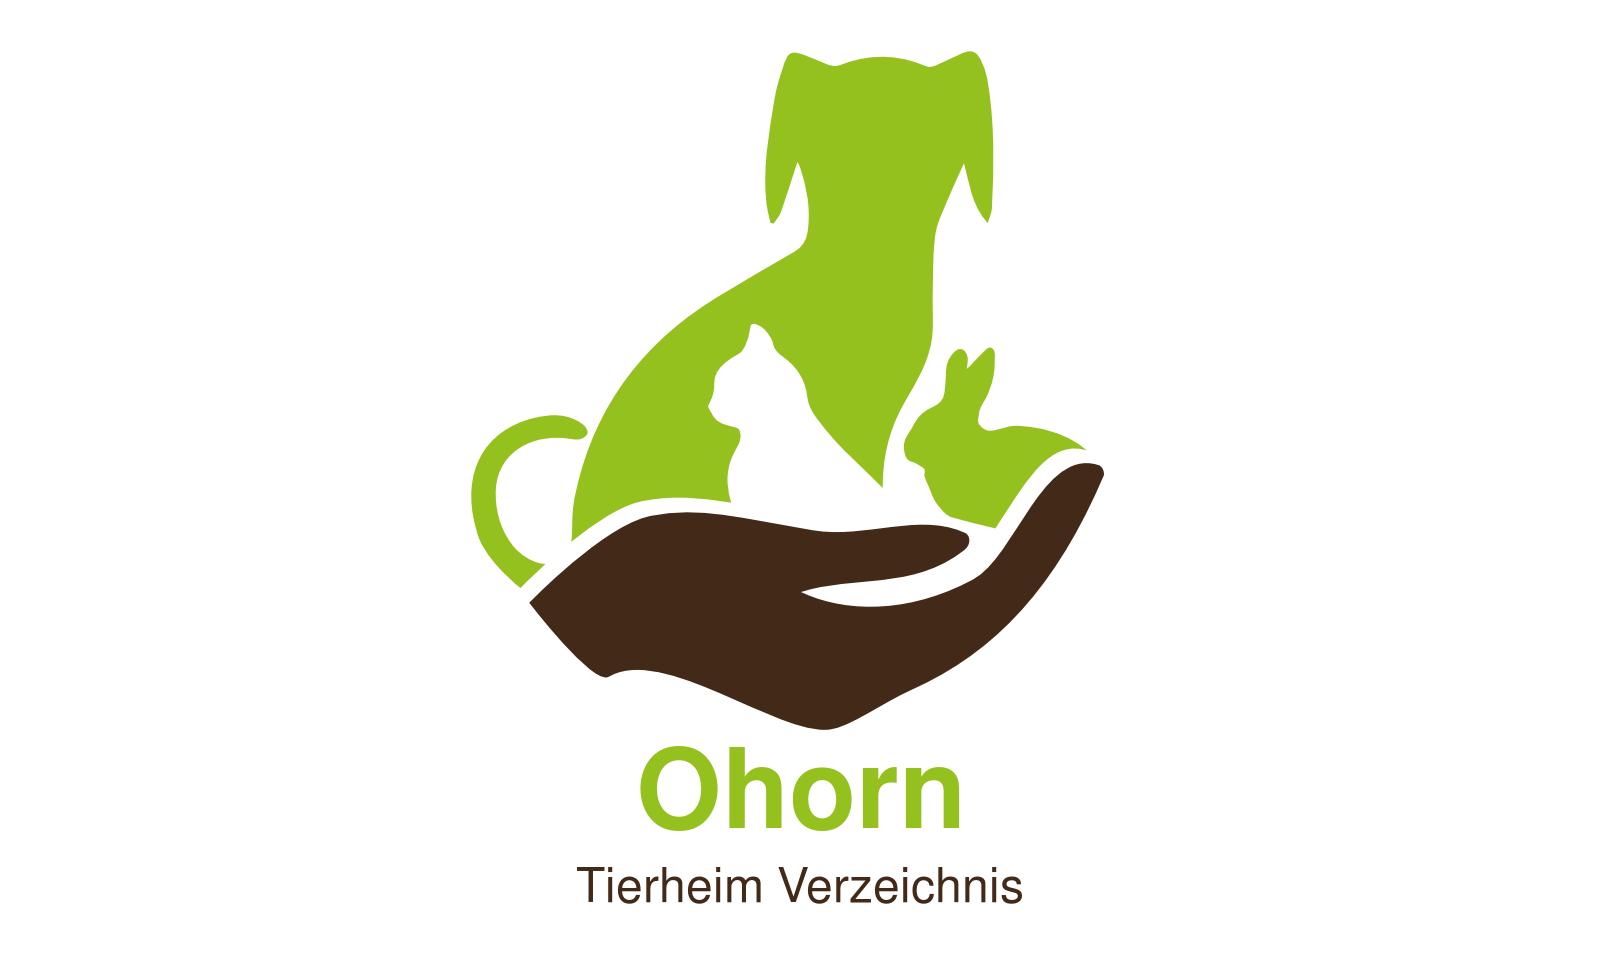 Tierheim Ohorn